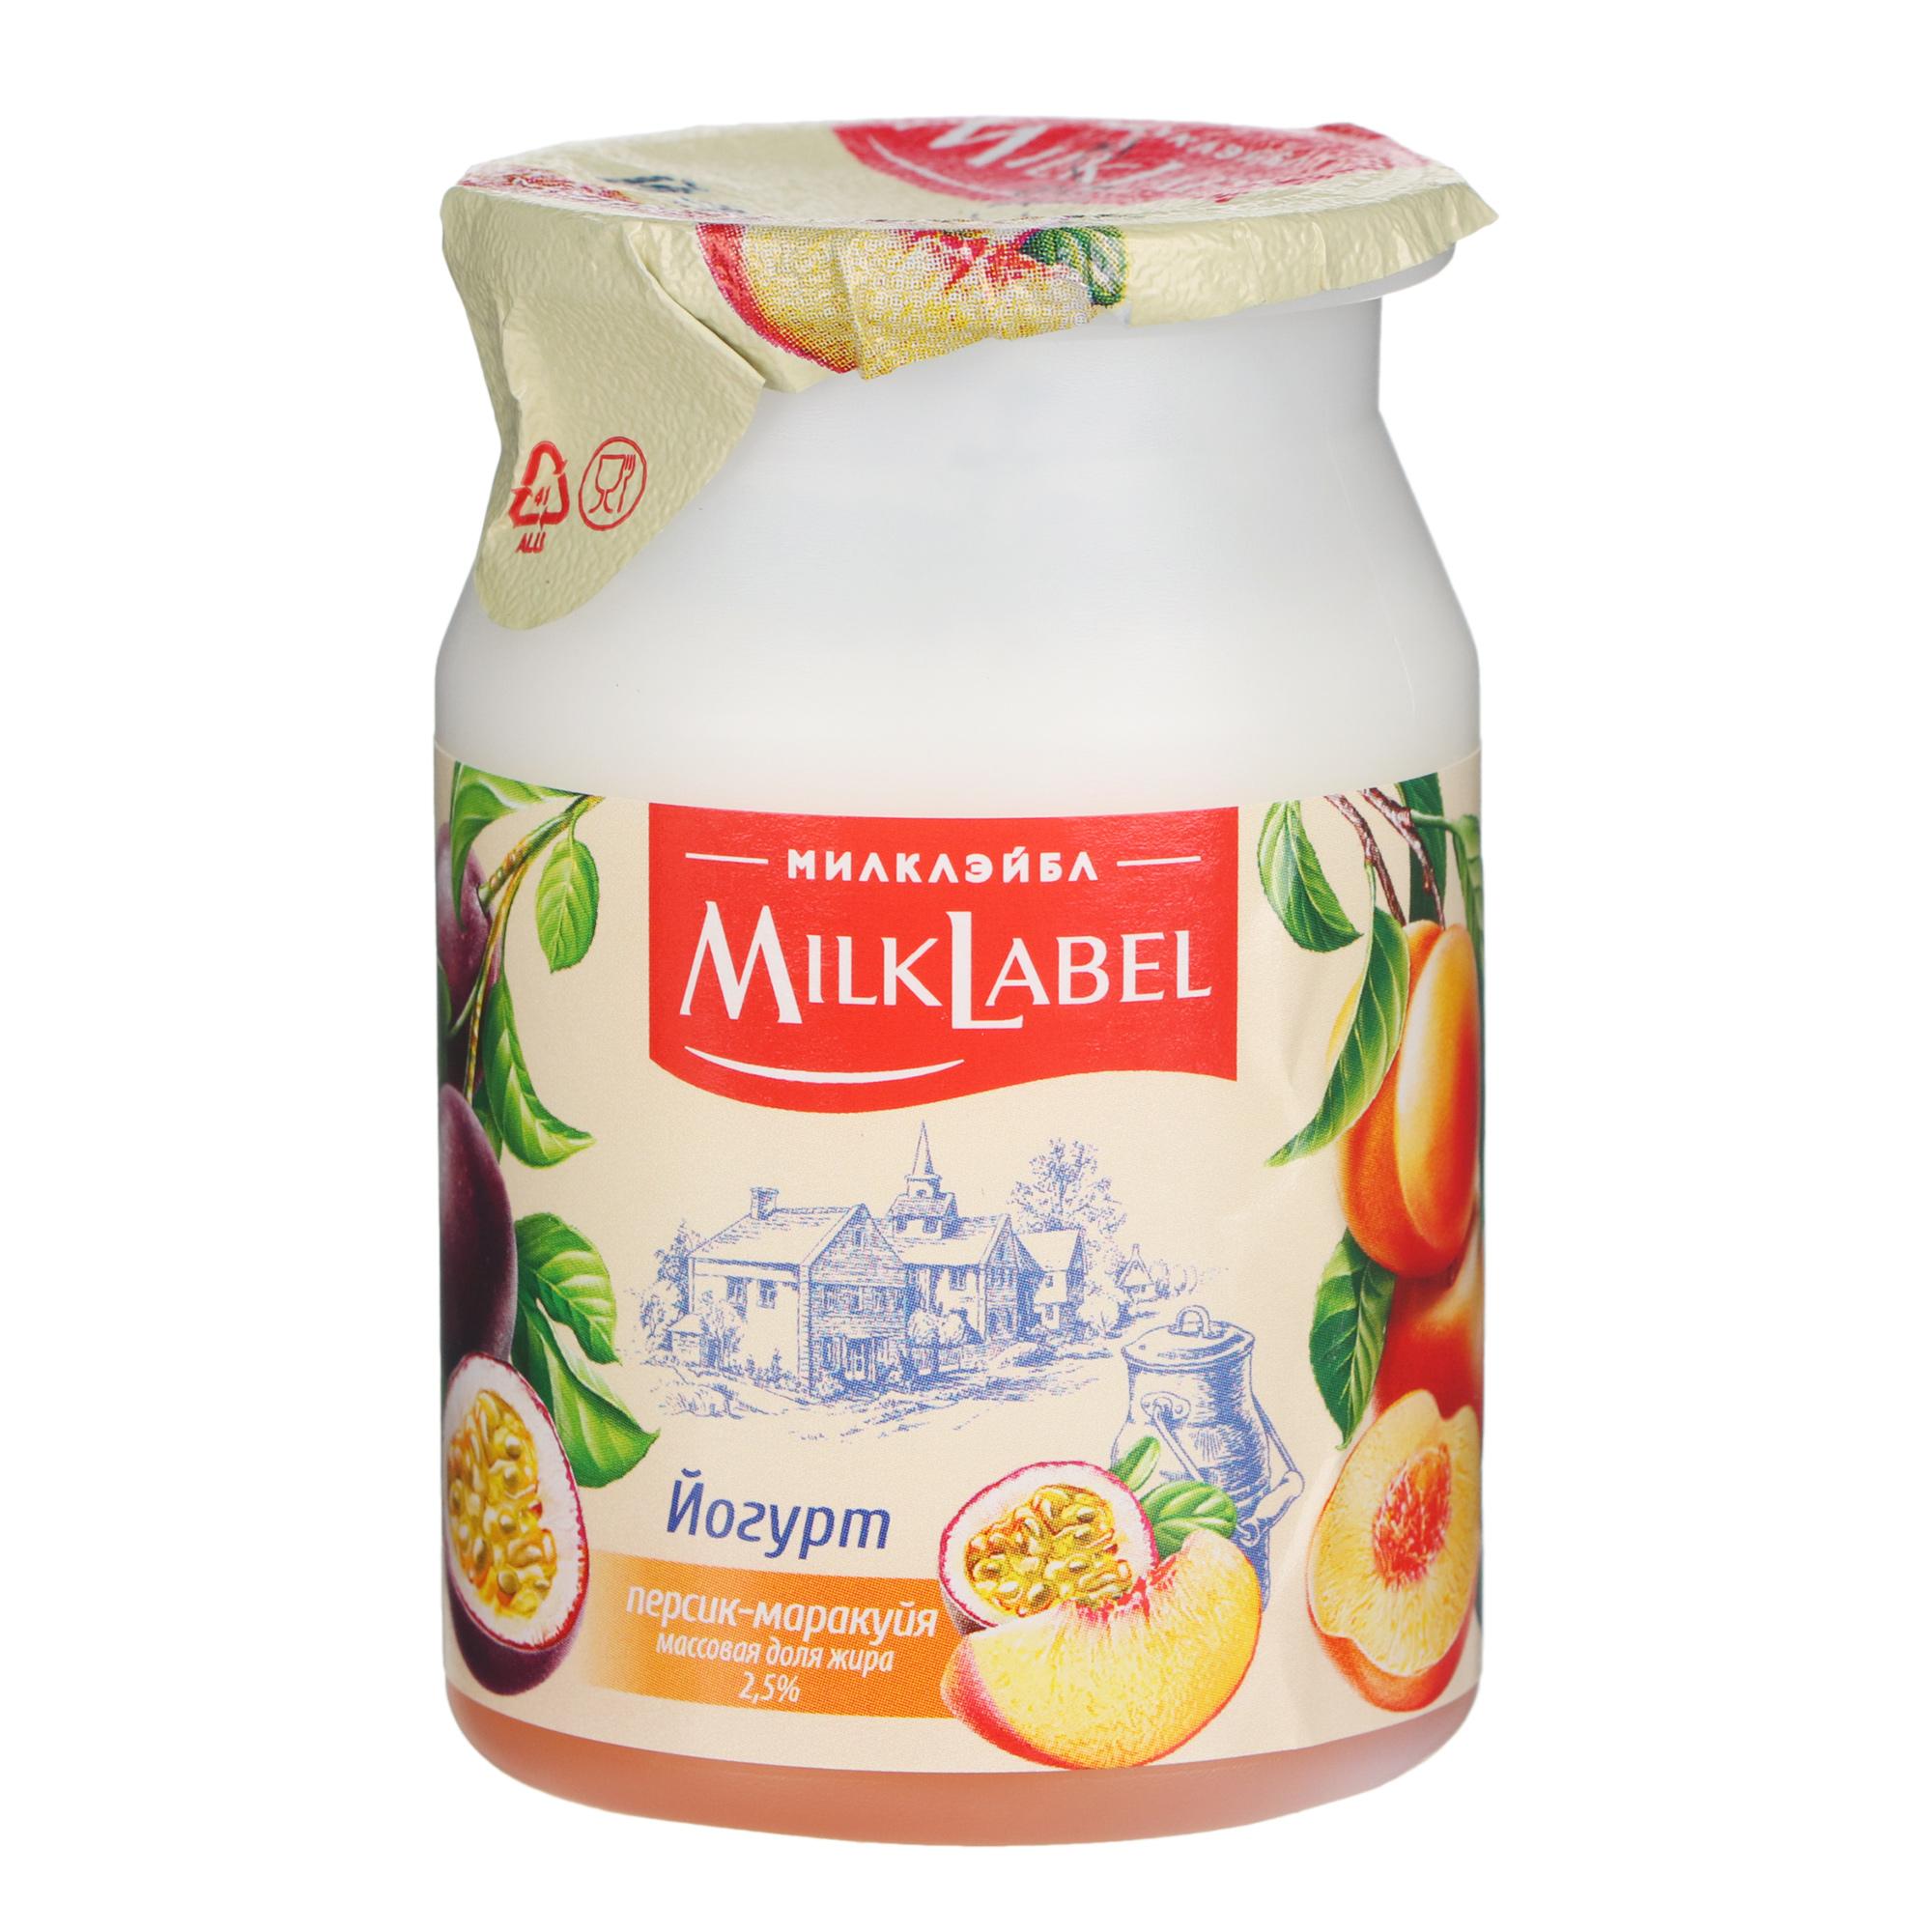 Йогурт MilkLabel Персик/Маракуйя 2,5% 150 г prime kraft аминокислоты bcaa 2 1 1 персик и маракуйя 150 г